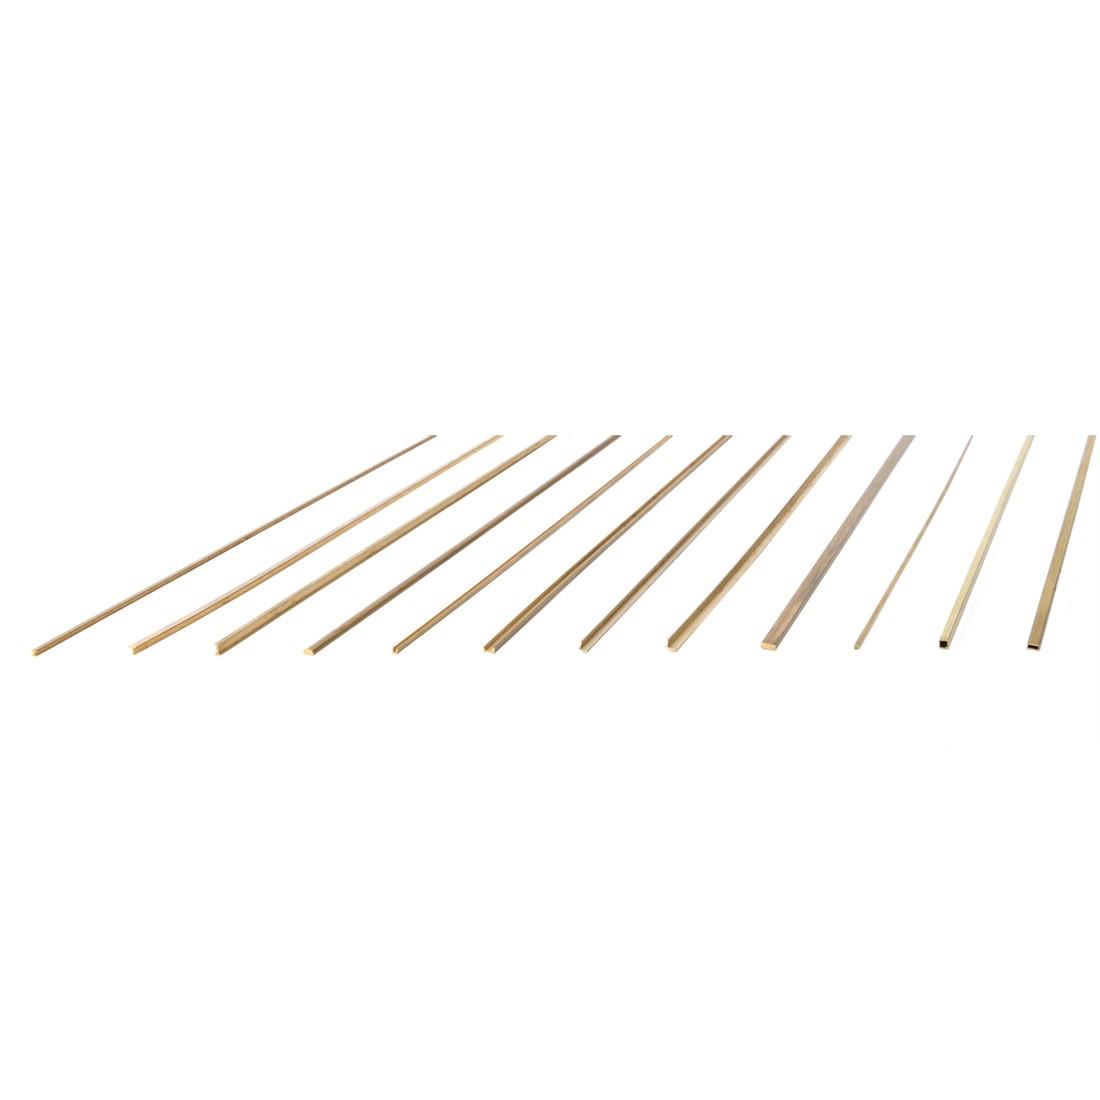 Micro profils laiton 5x3x500